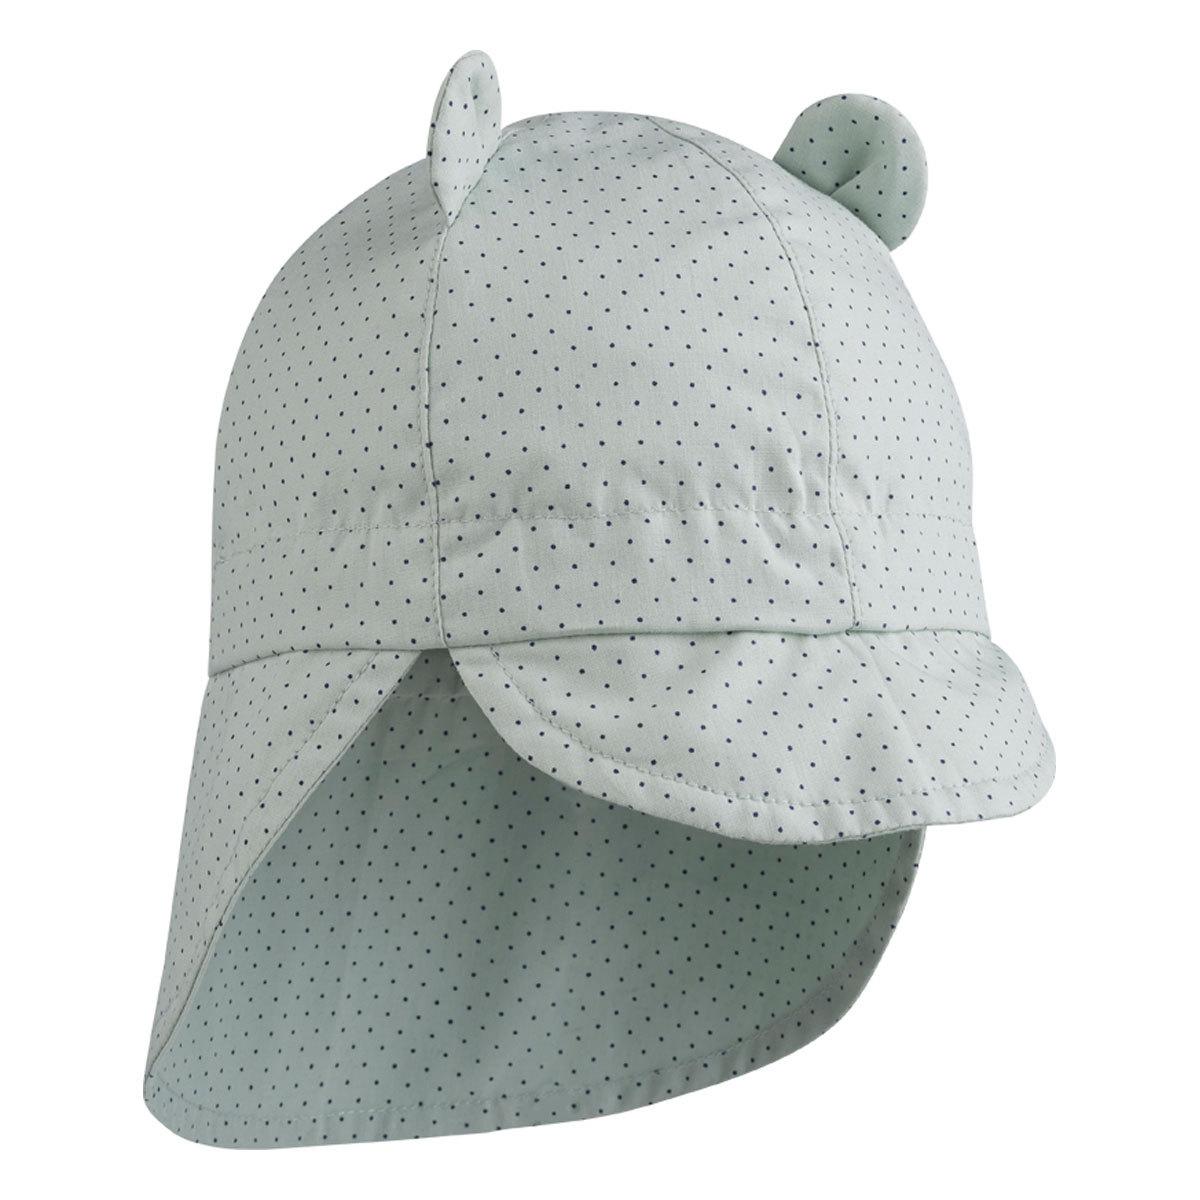 Accessoires bébé Casquette Gorm Little Dot & Dusty Mint - 0/6 Mois Casquette Gorm Little Dot & Dusty Mint - 0/6 Mois